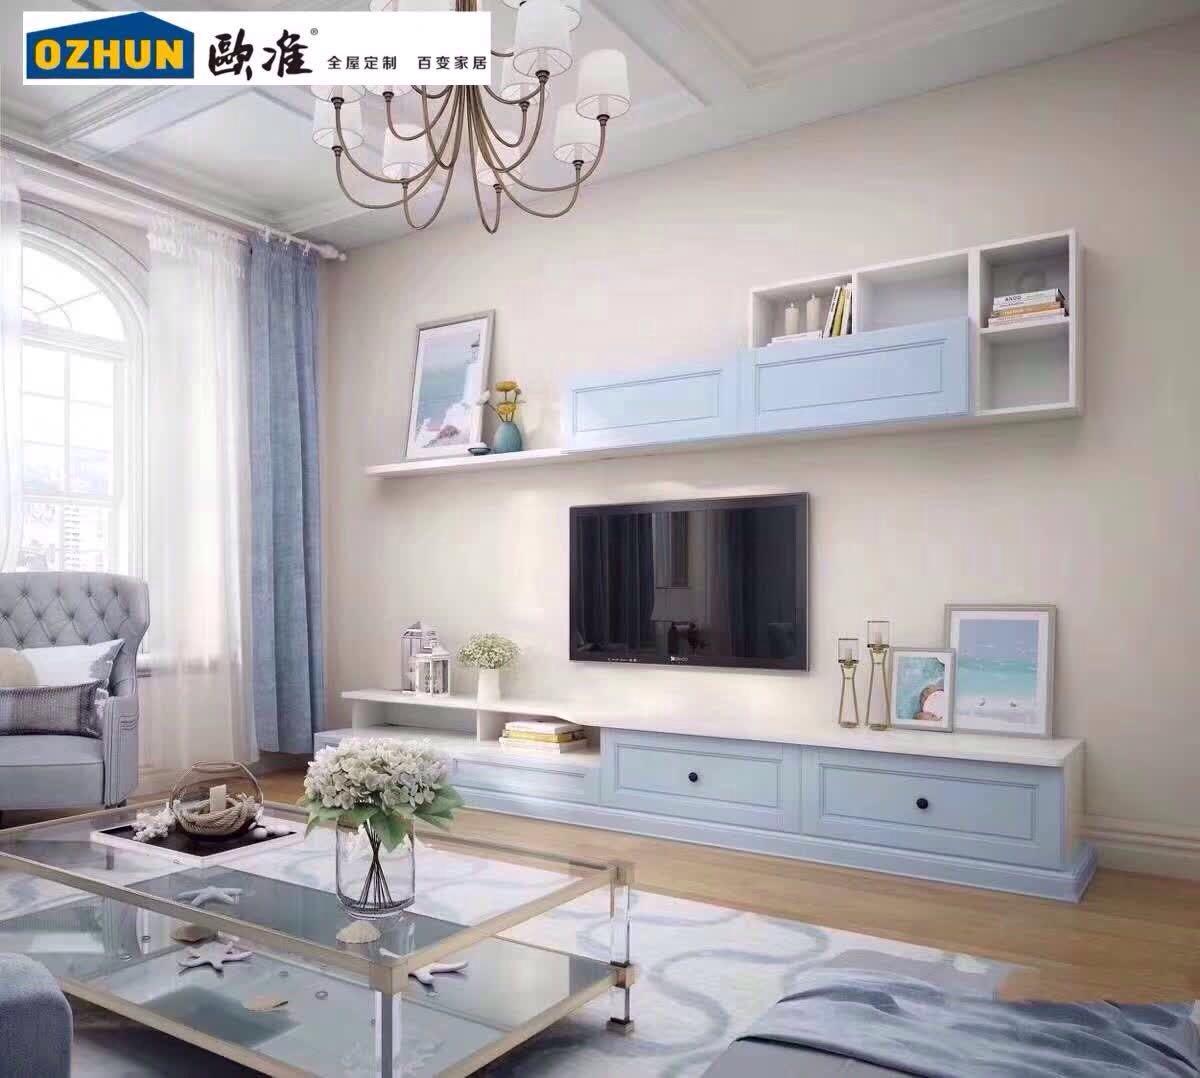 歐準家具提供好的電視柜定制服務/全屋定制流程